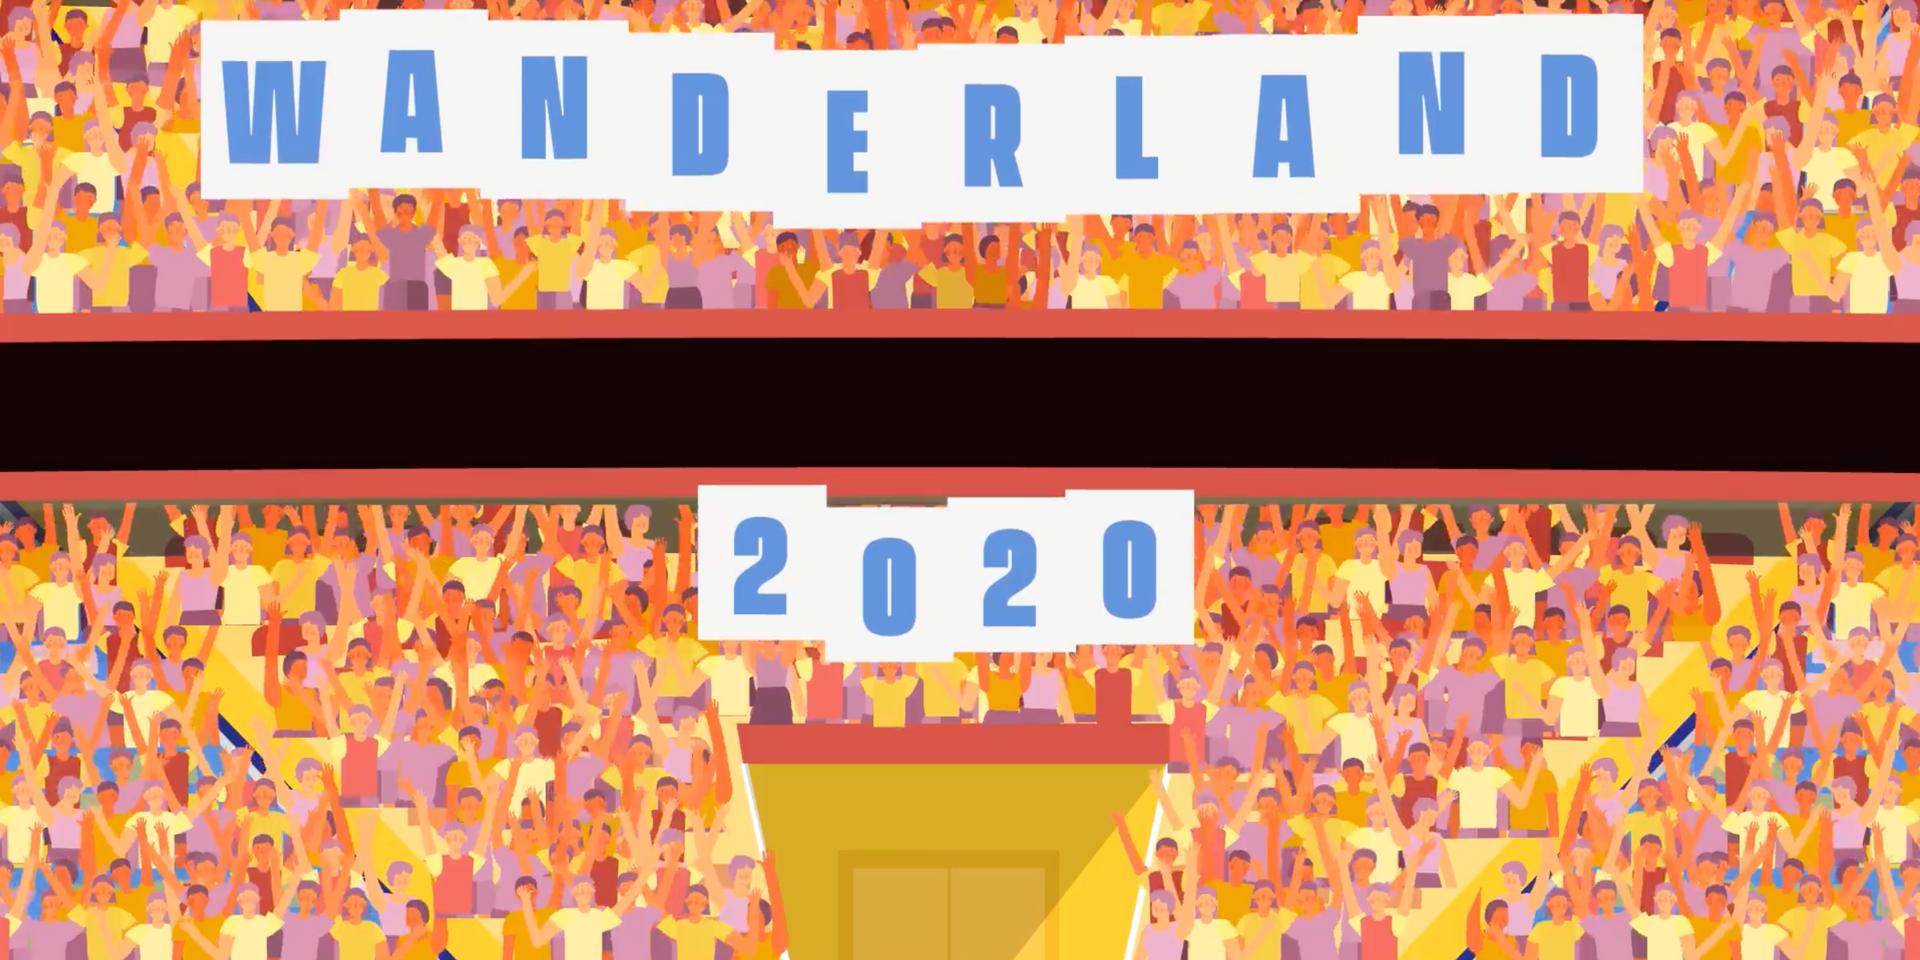 Wanderland announces 2020 festival dates